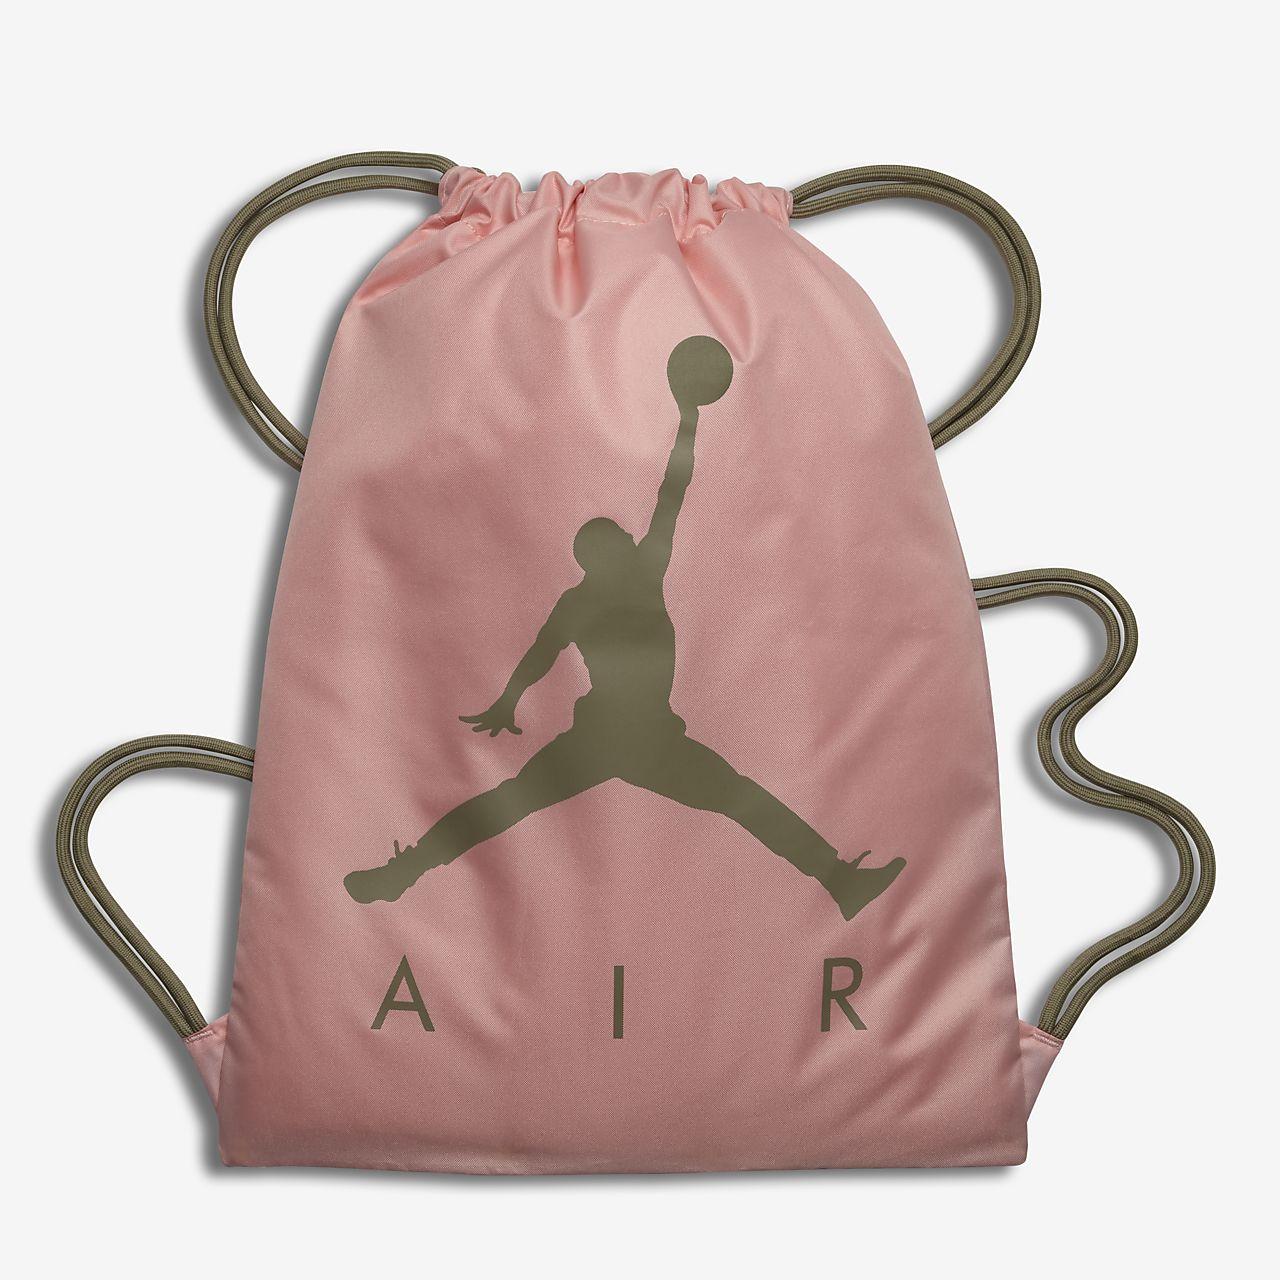 Sacca per palestra Air Jordan